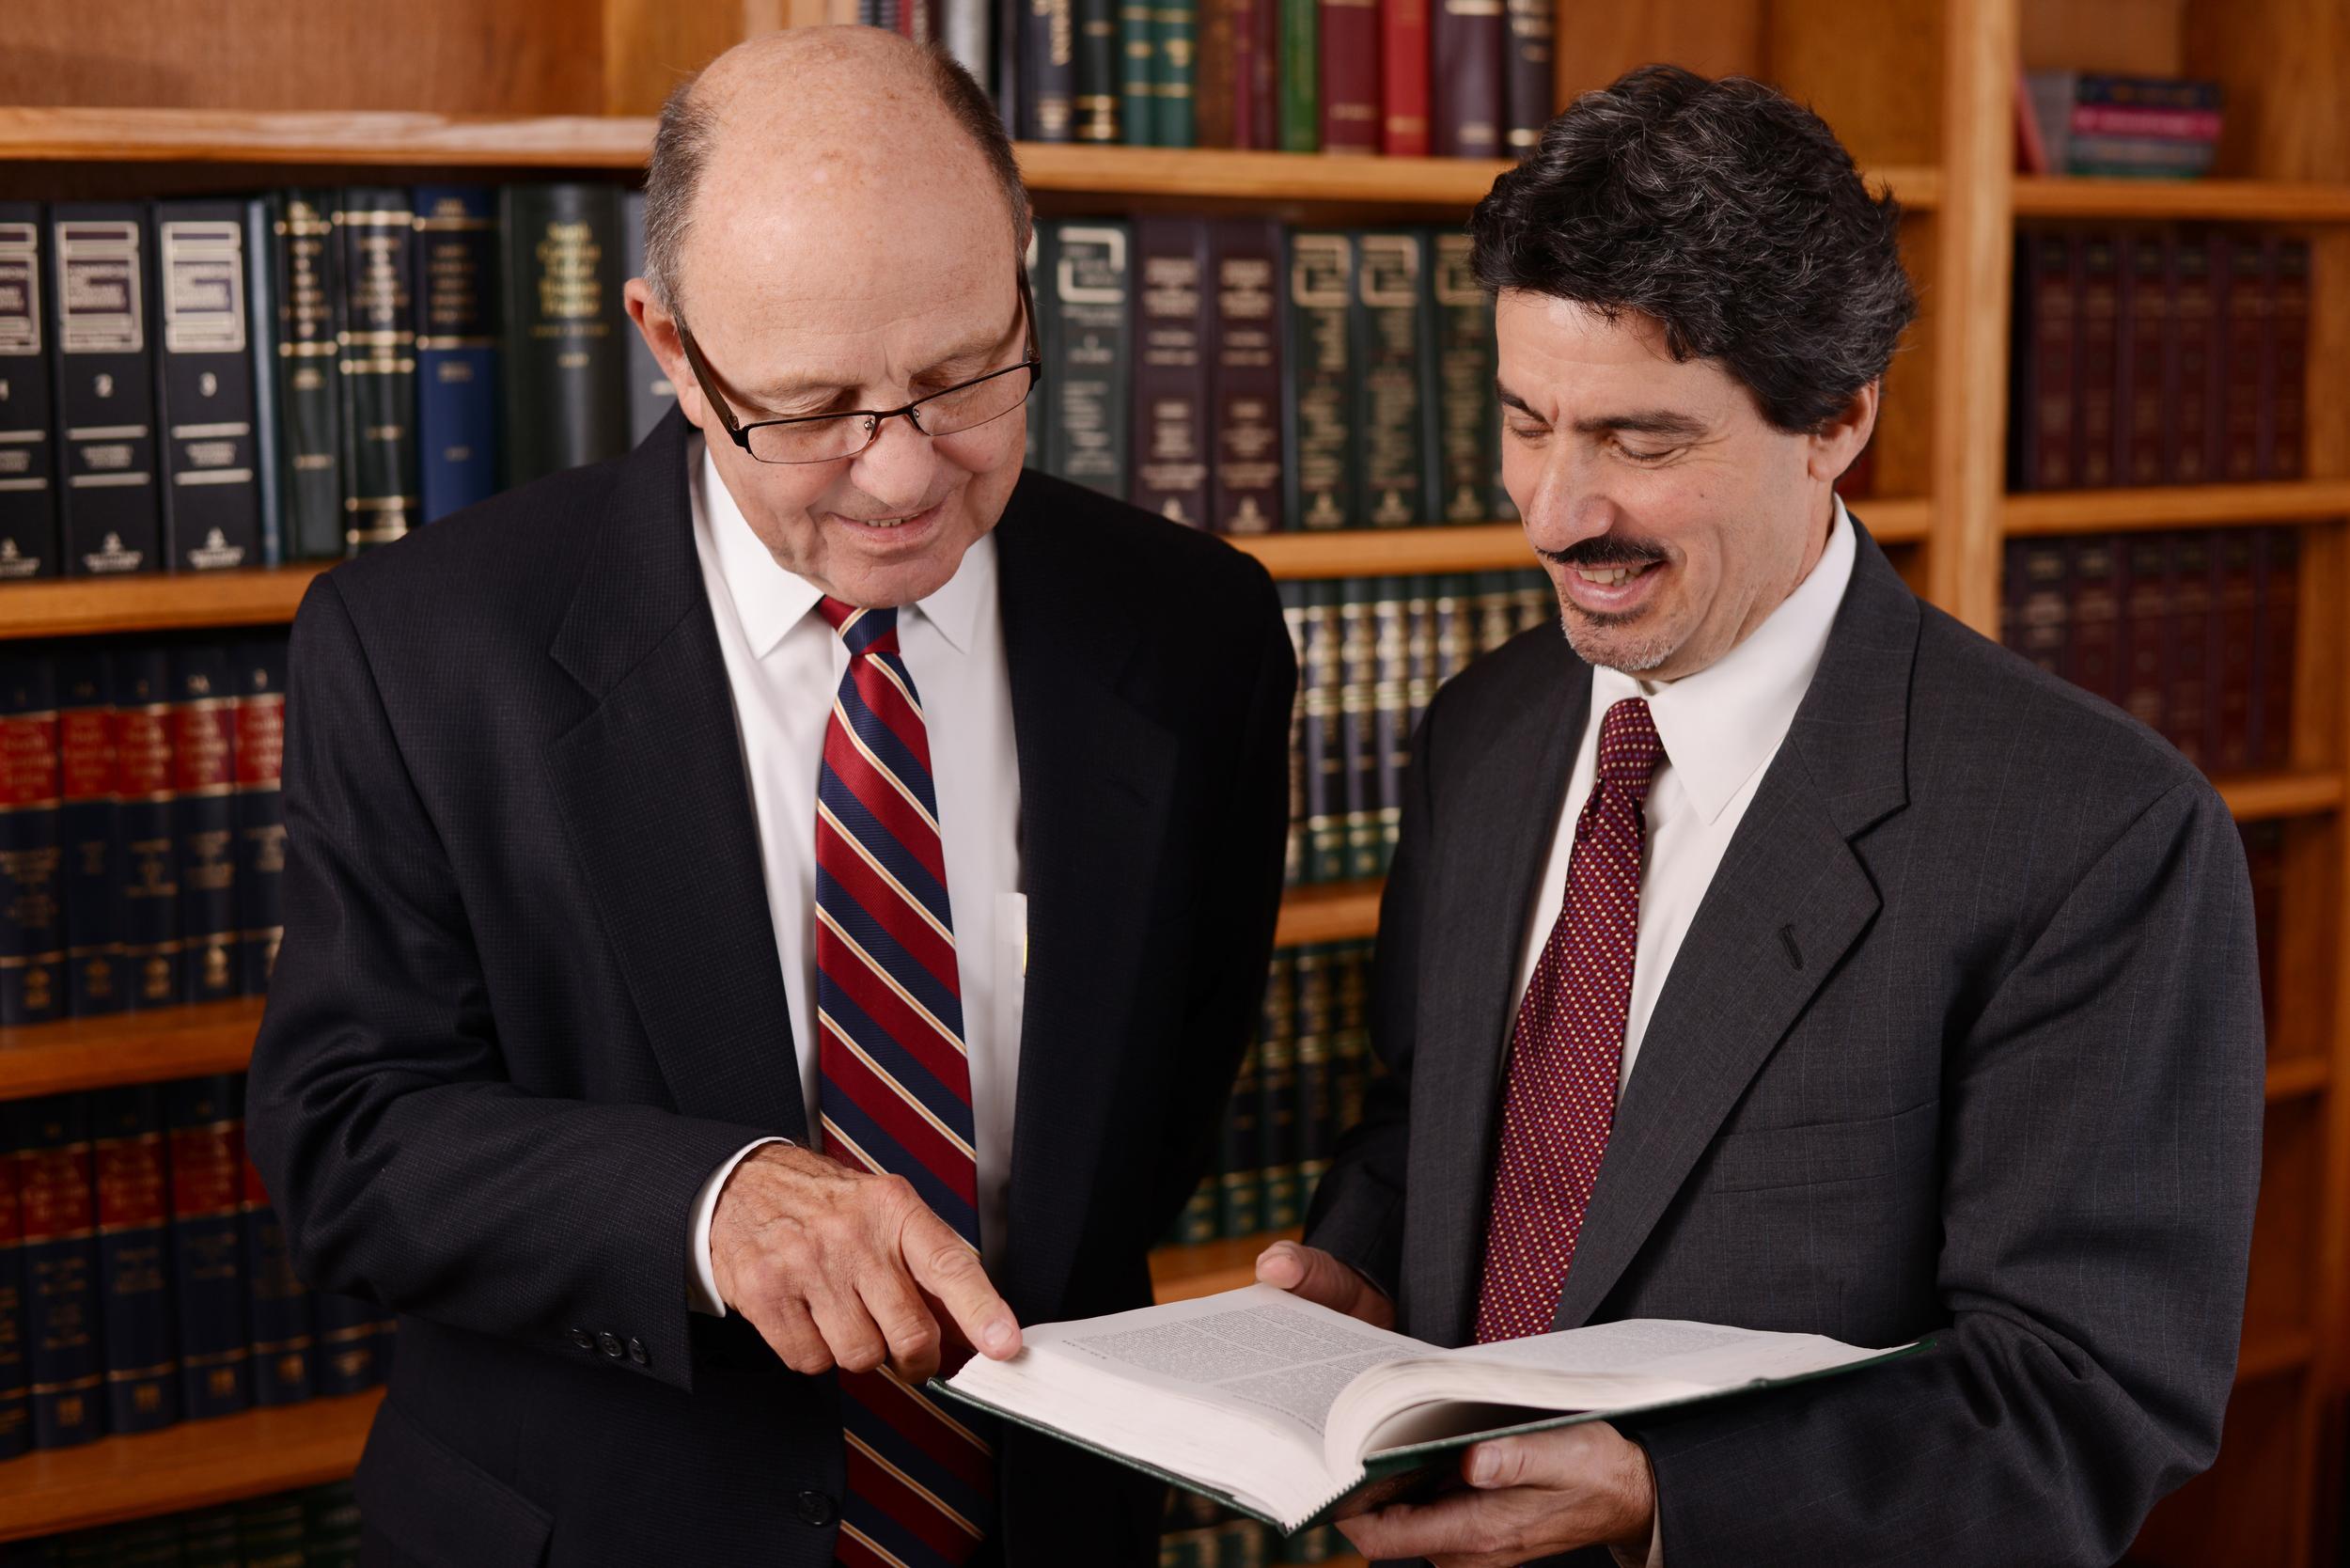 Charlottte Lawyers